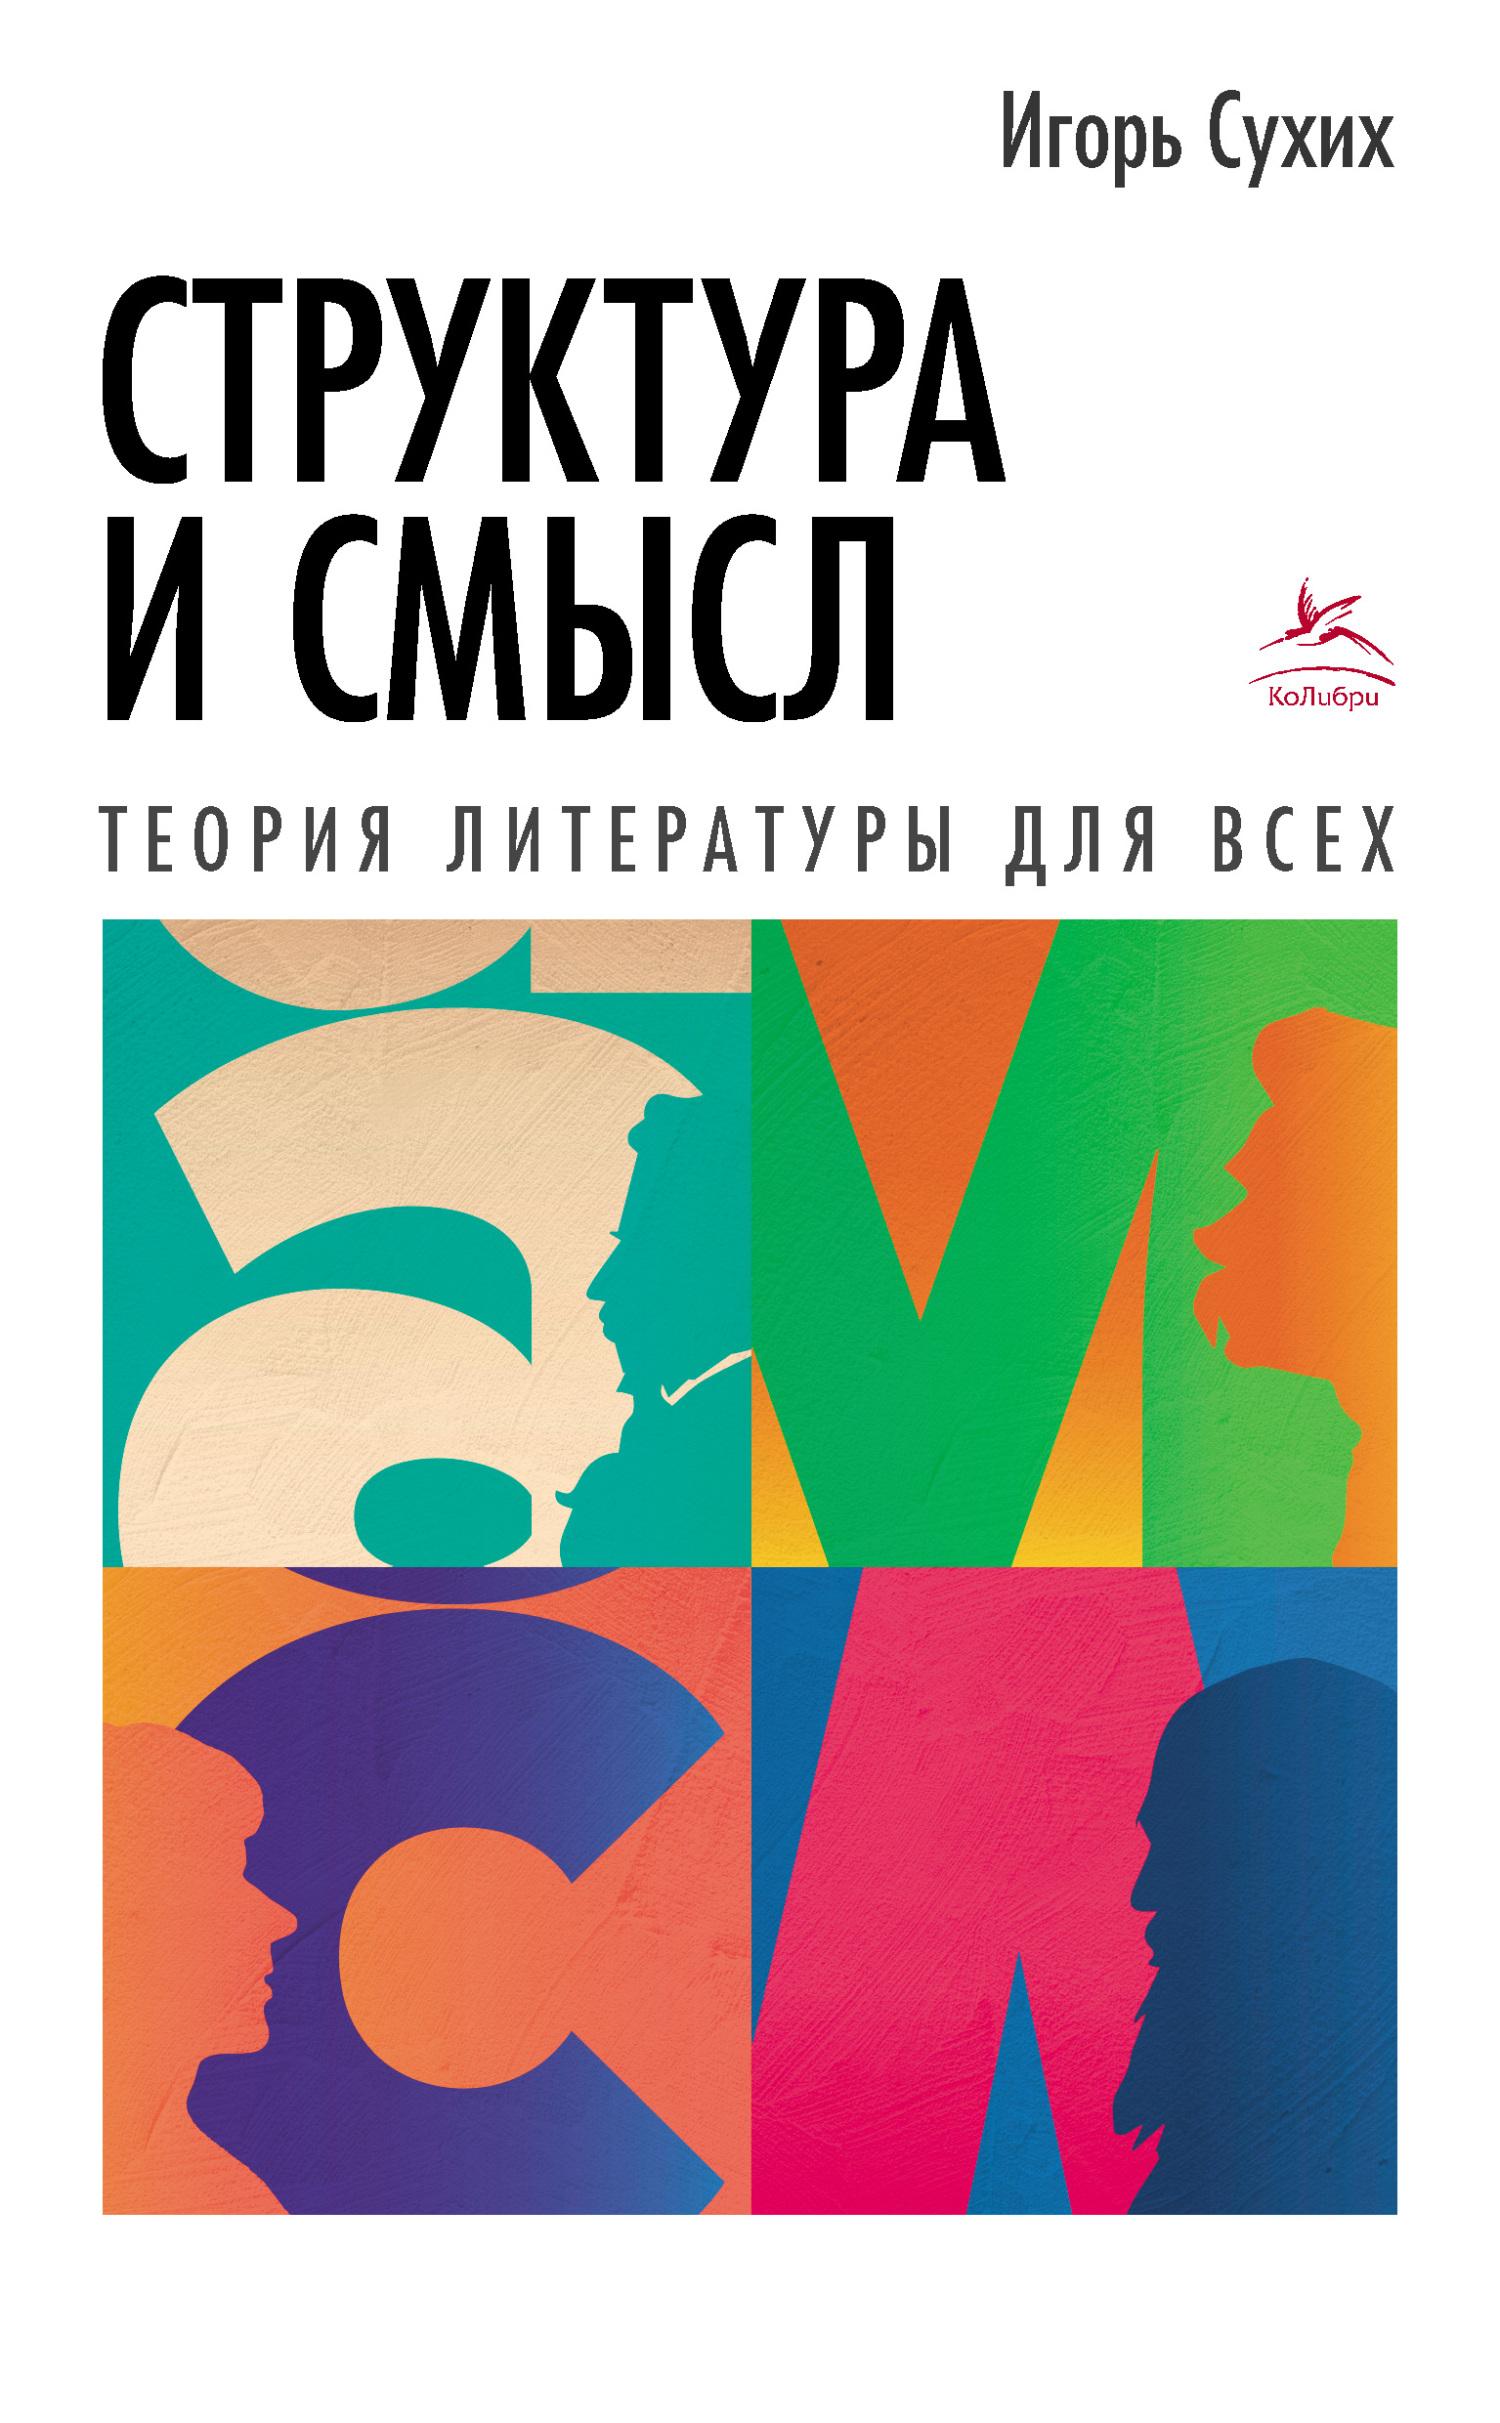 Фото - И. Н. Сухих Структура и смысл: Теория литературы для всех и н сухих структура и смысл теория литературы для всех